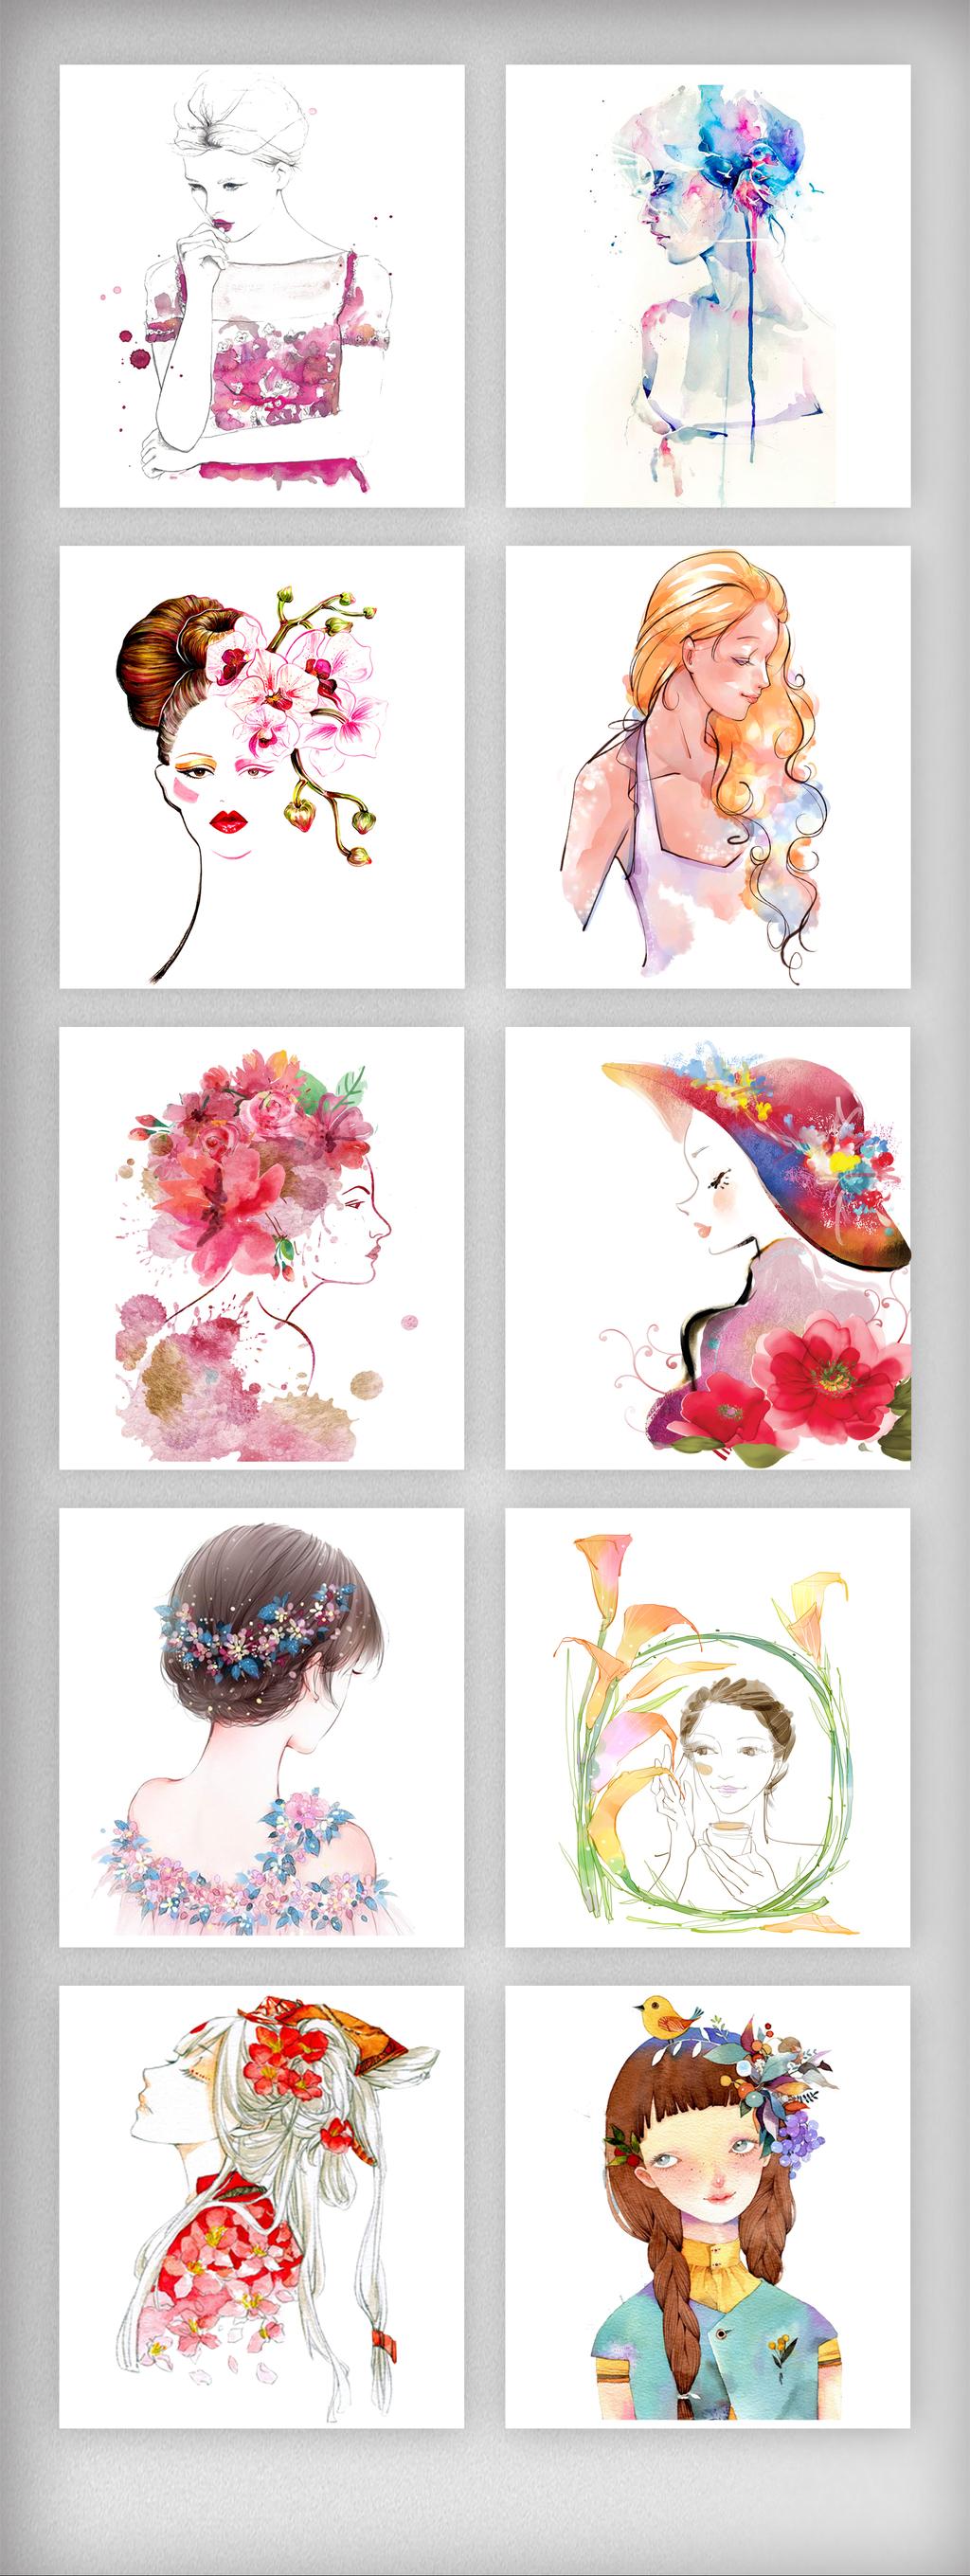 水彩手绘美女人物插画元素